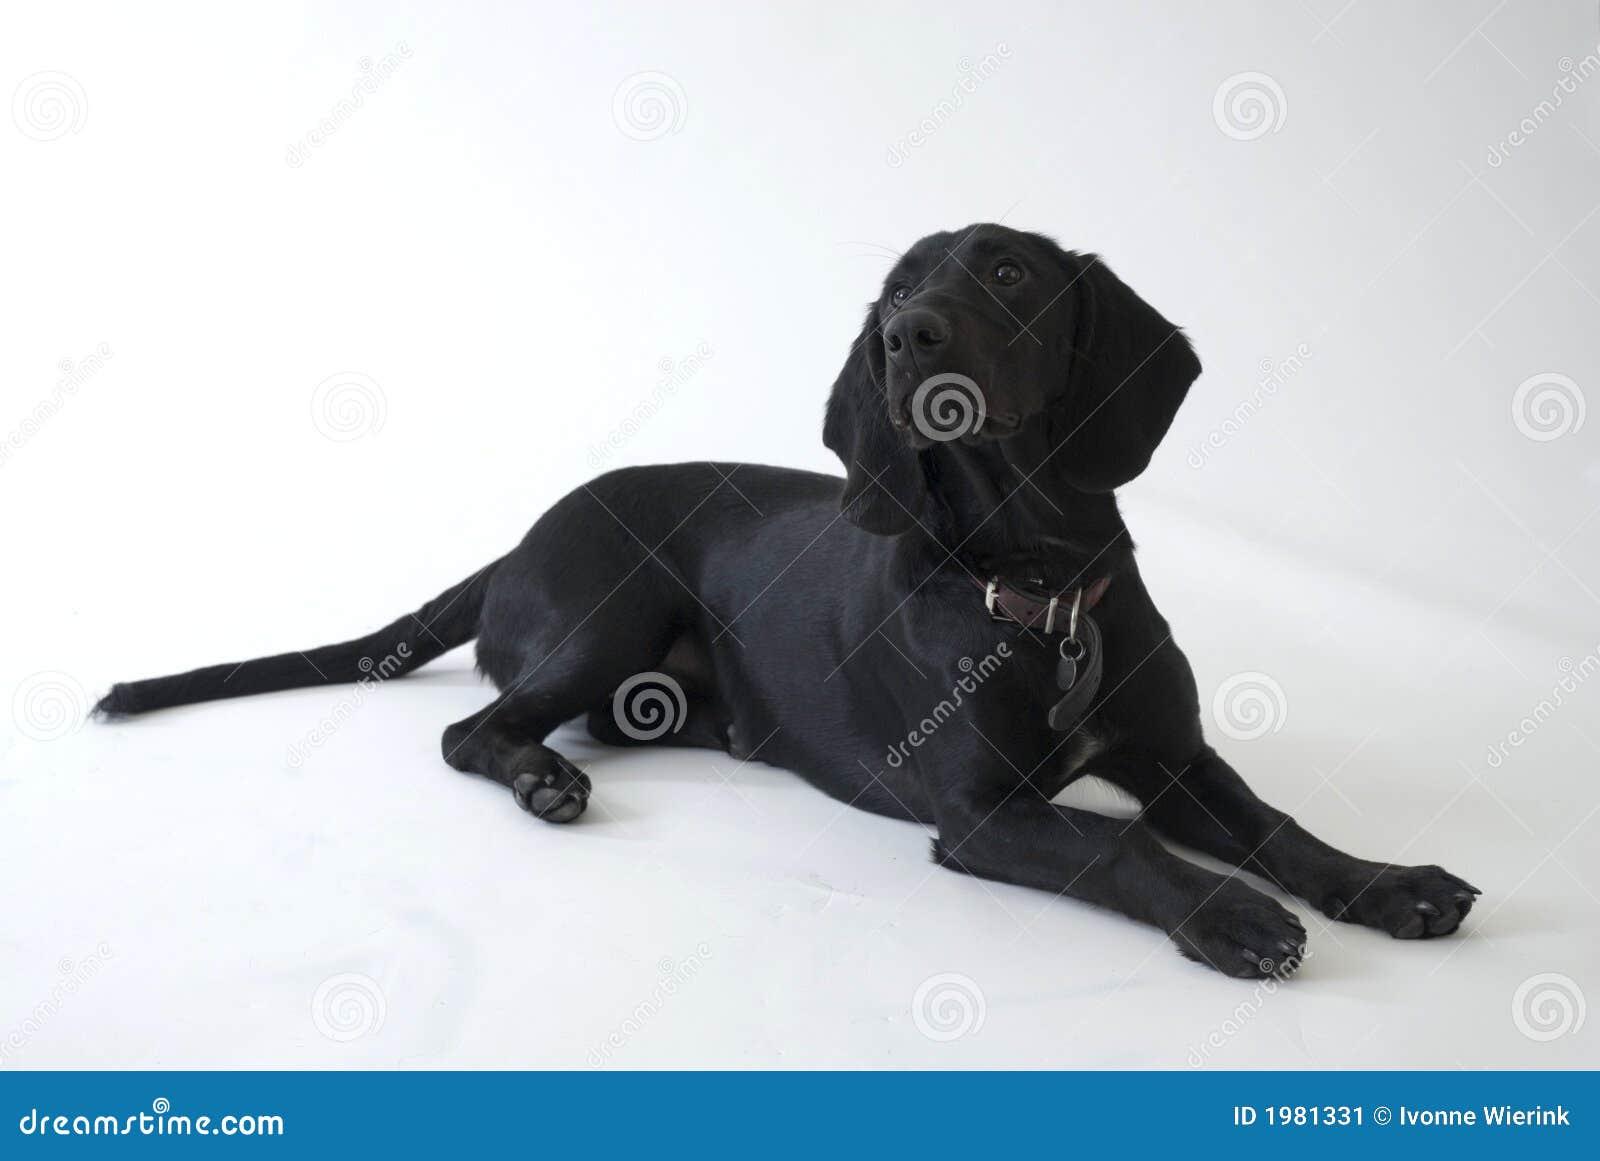 zwarte hond in de studio stock afbeelding afbeelding bestaande uit gezond 1981331. Black Bedroom Furniture Sets. Home Design Ideas